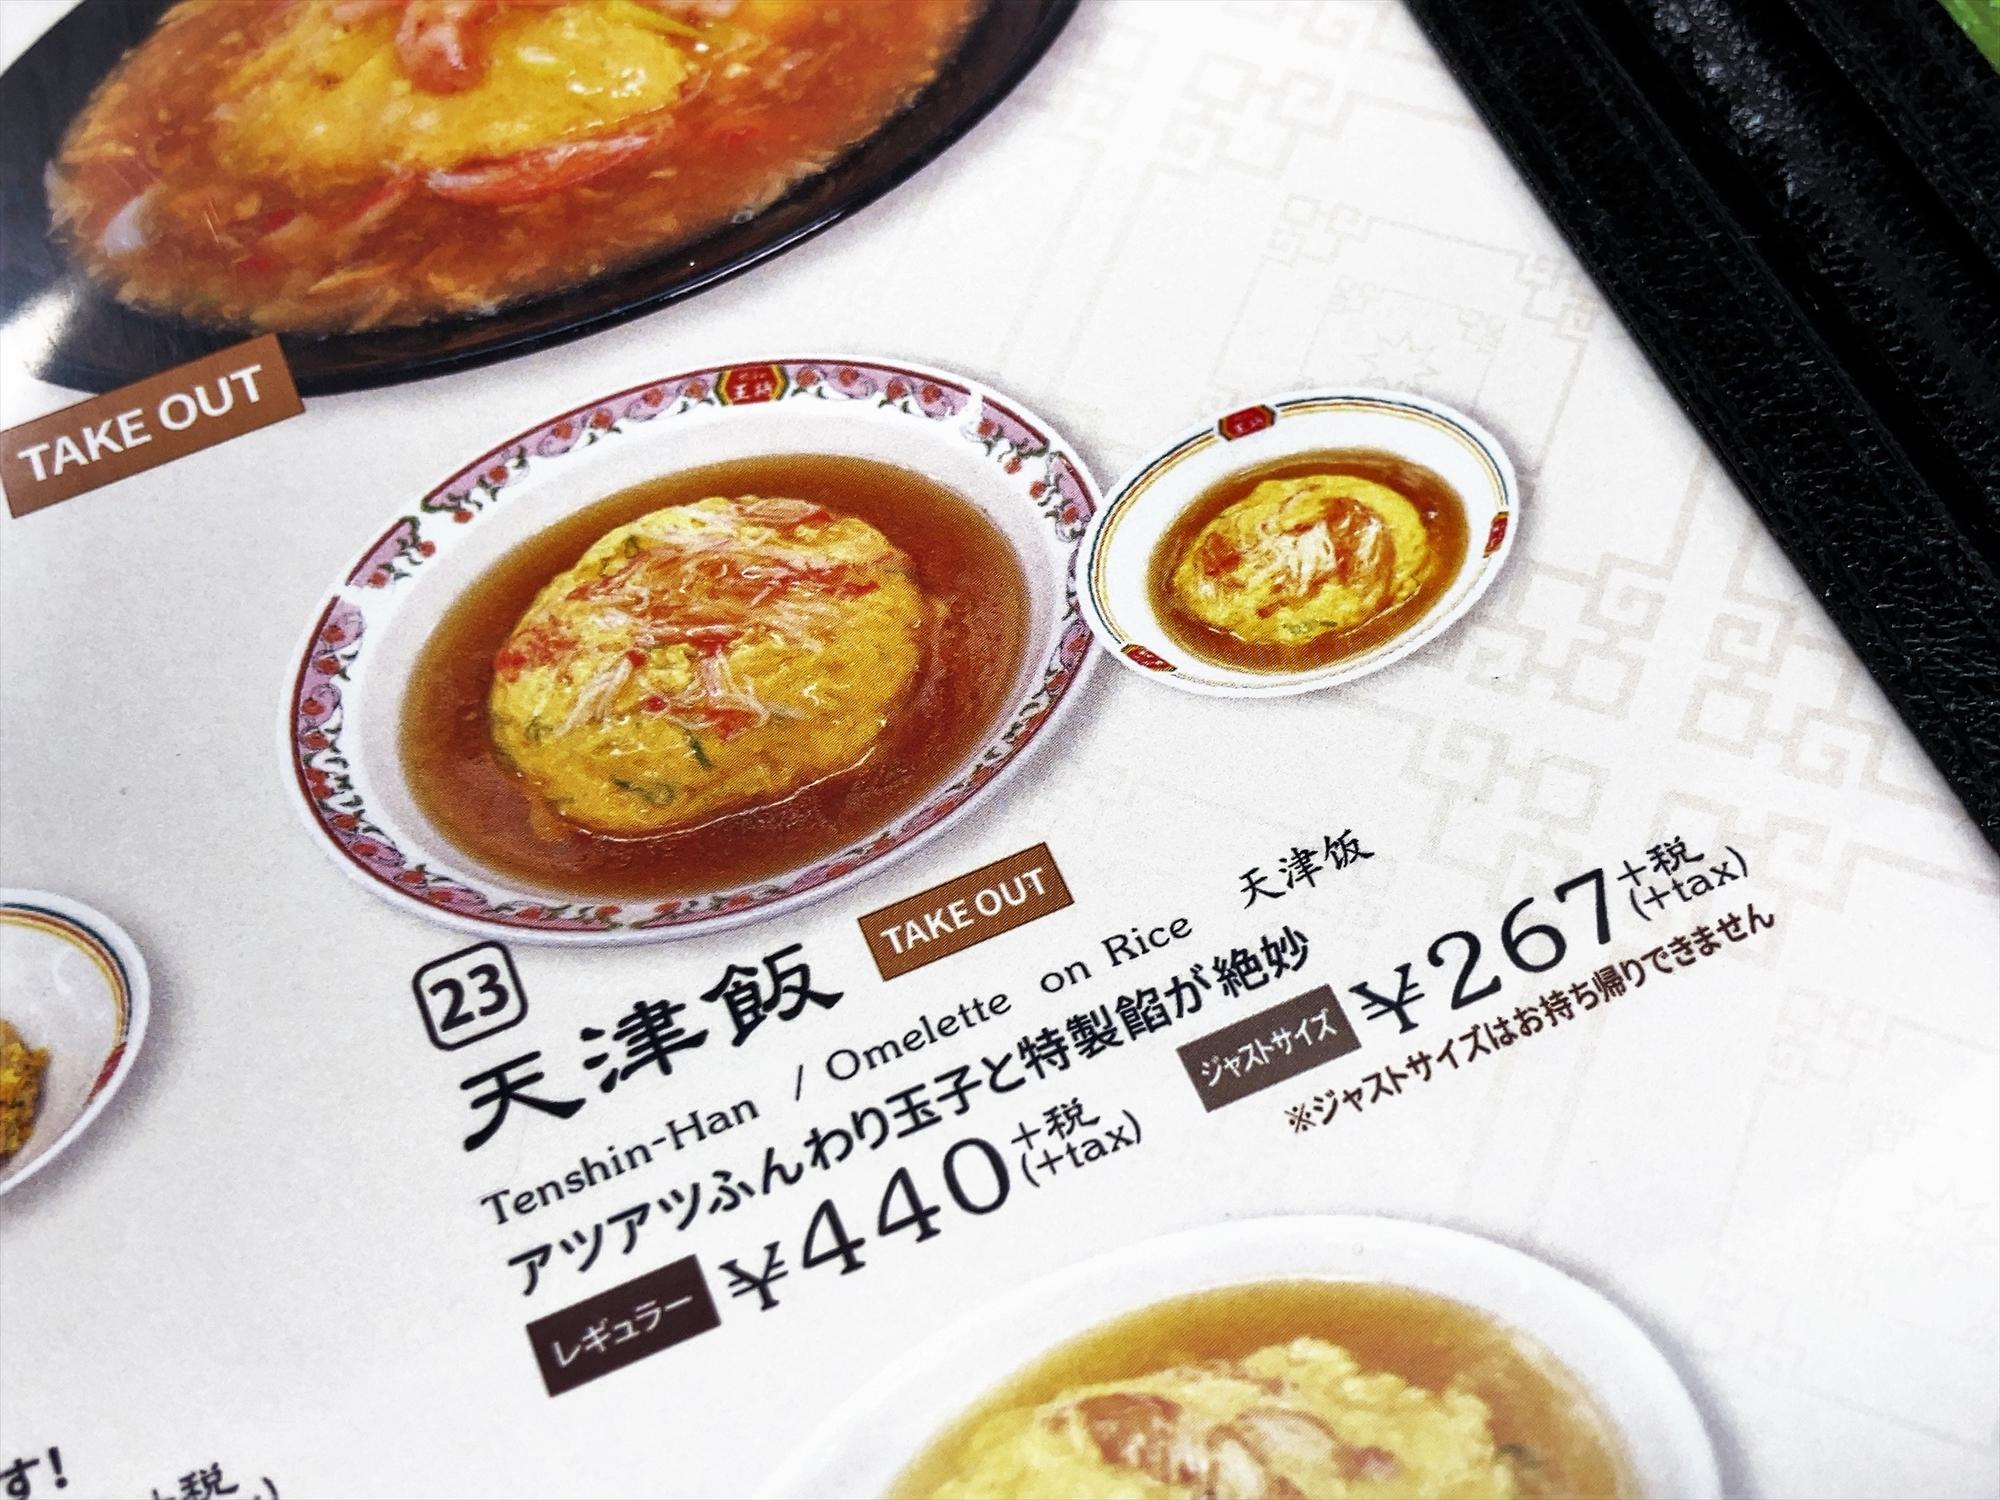 餃子の王将 浜松店のメニュー